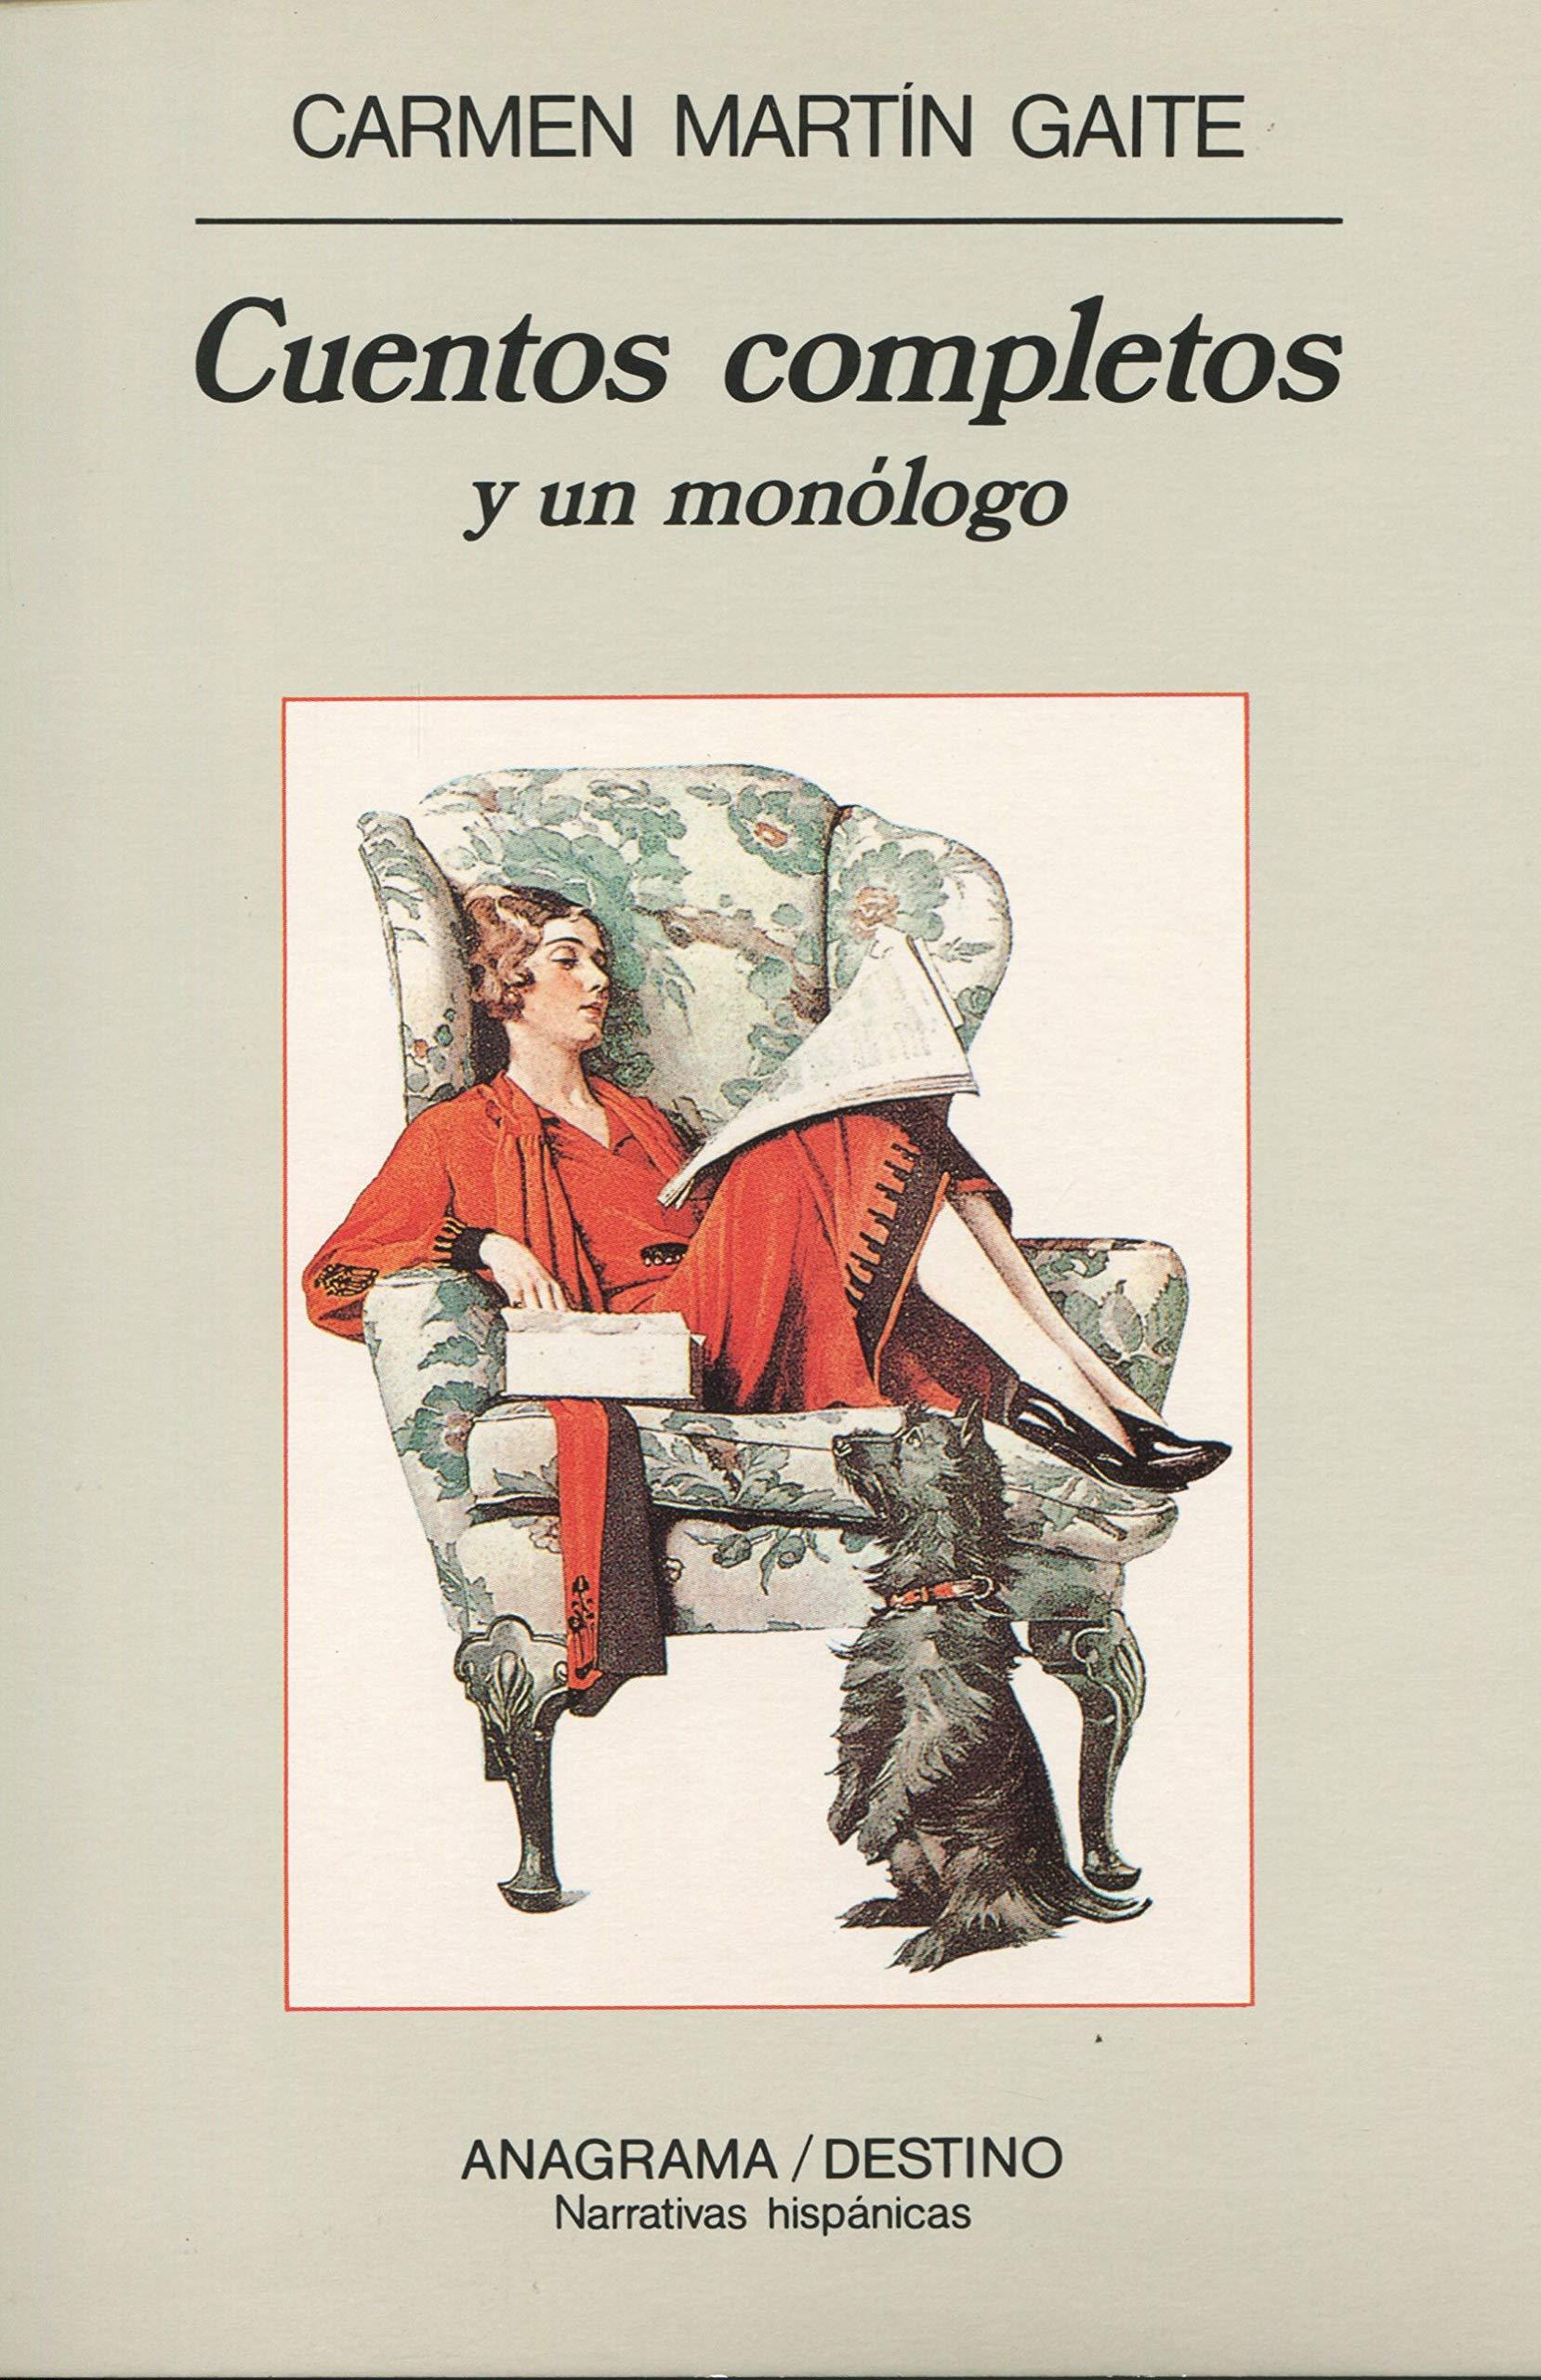 Cuentos completos y un monólogo: 159 Narrativas hispánicas: Amazon.es: Martín Gaite, Carmen: Libros